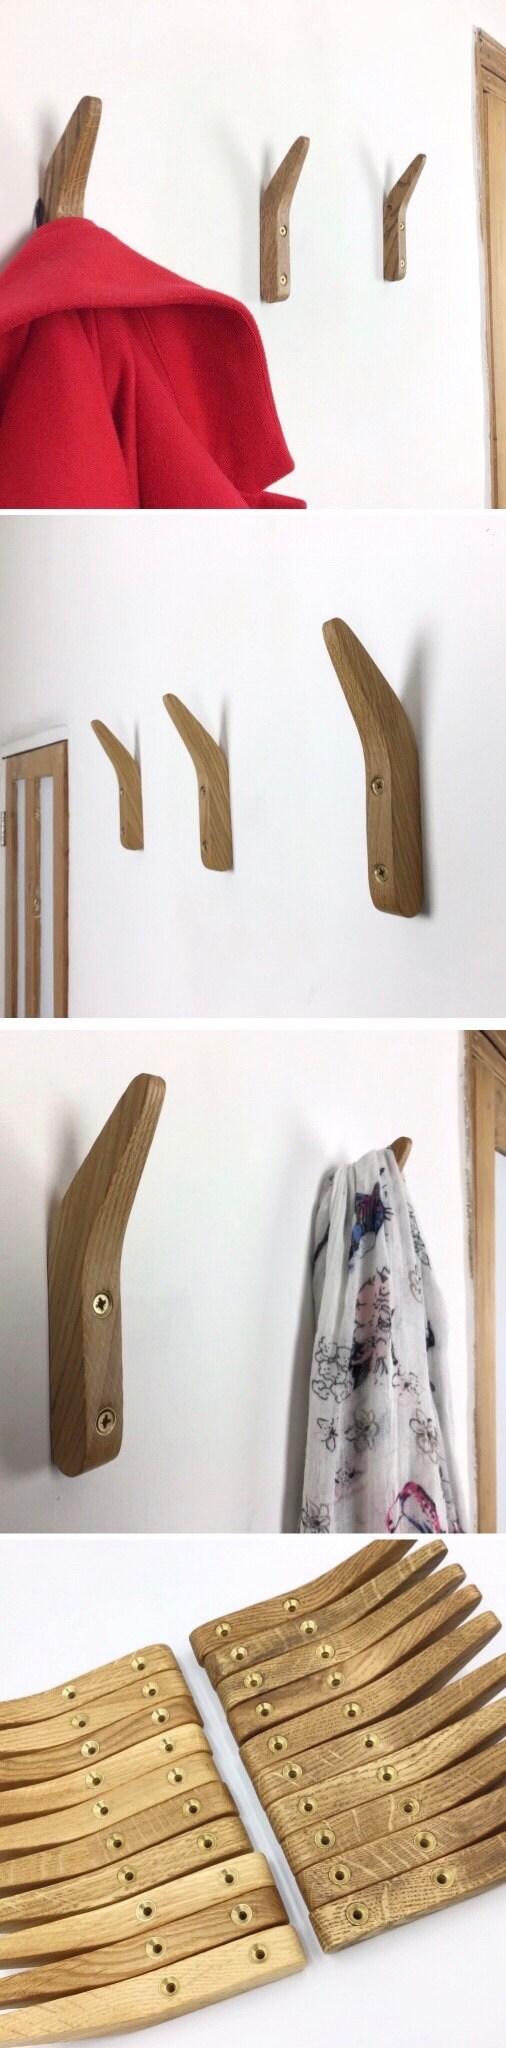 Gorlech Single Coat Hooks in light and dark Oak wood, handcrafted in Wales, UK